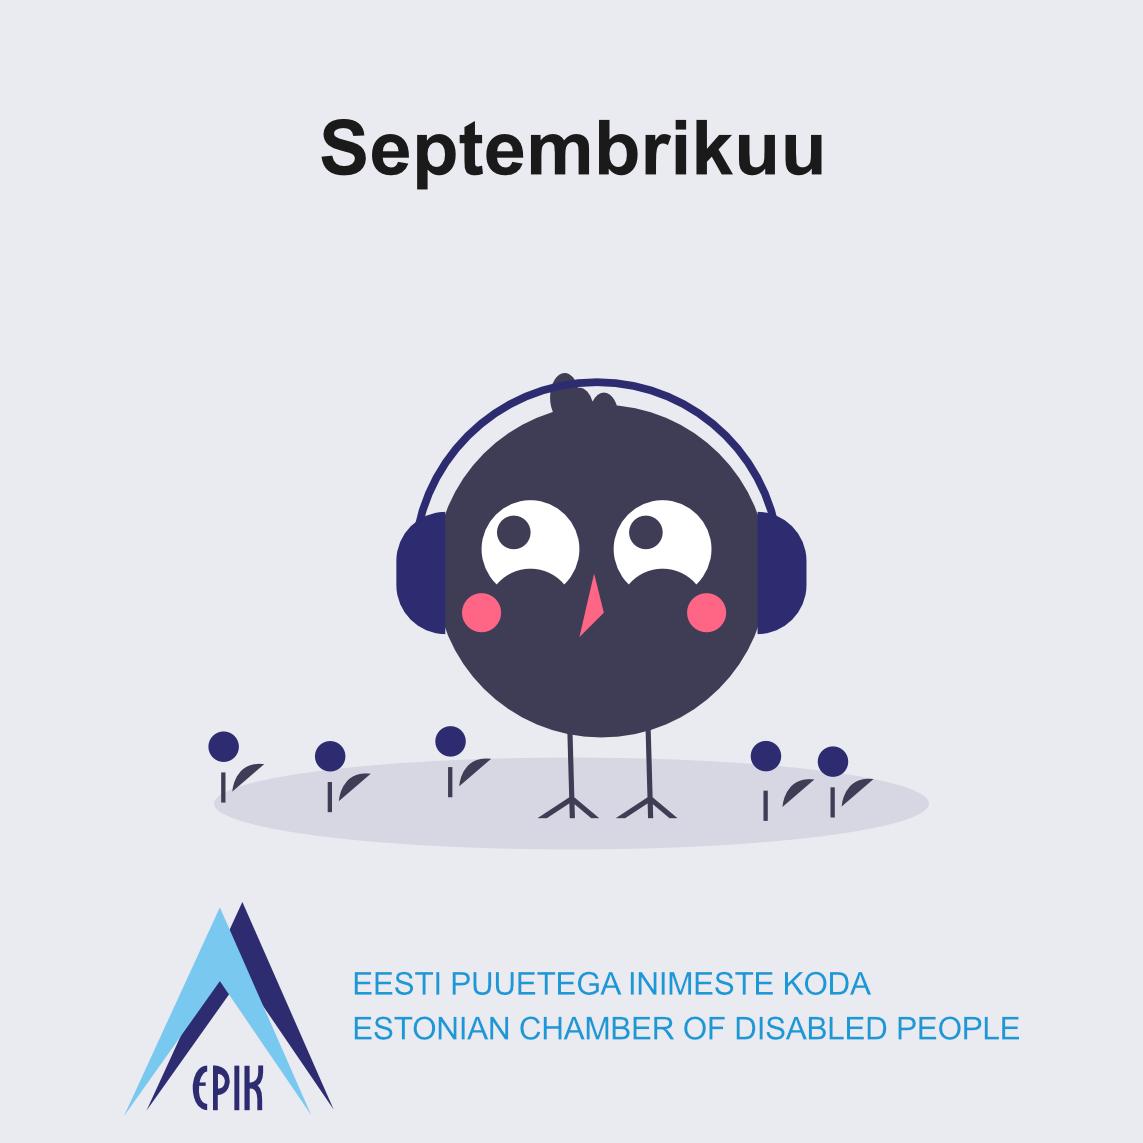 Septembrikuu Eesti Puuetega Inimeste Kojas – Paraolümpiamängud